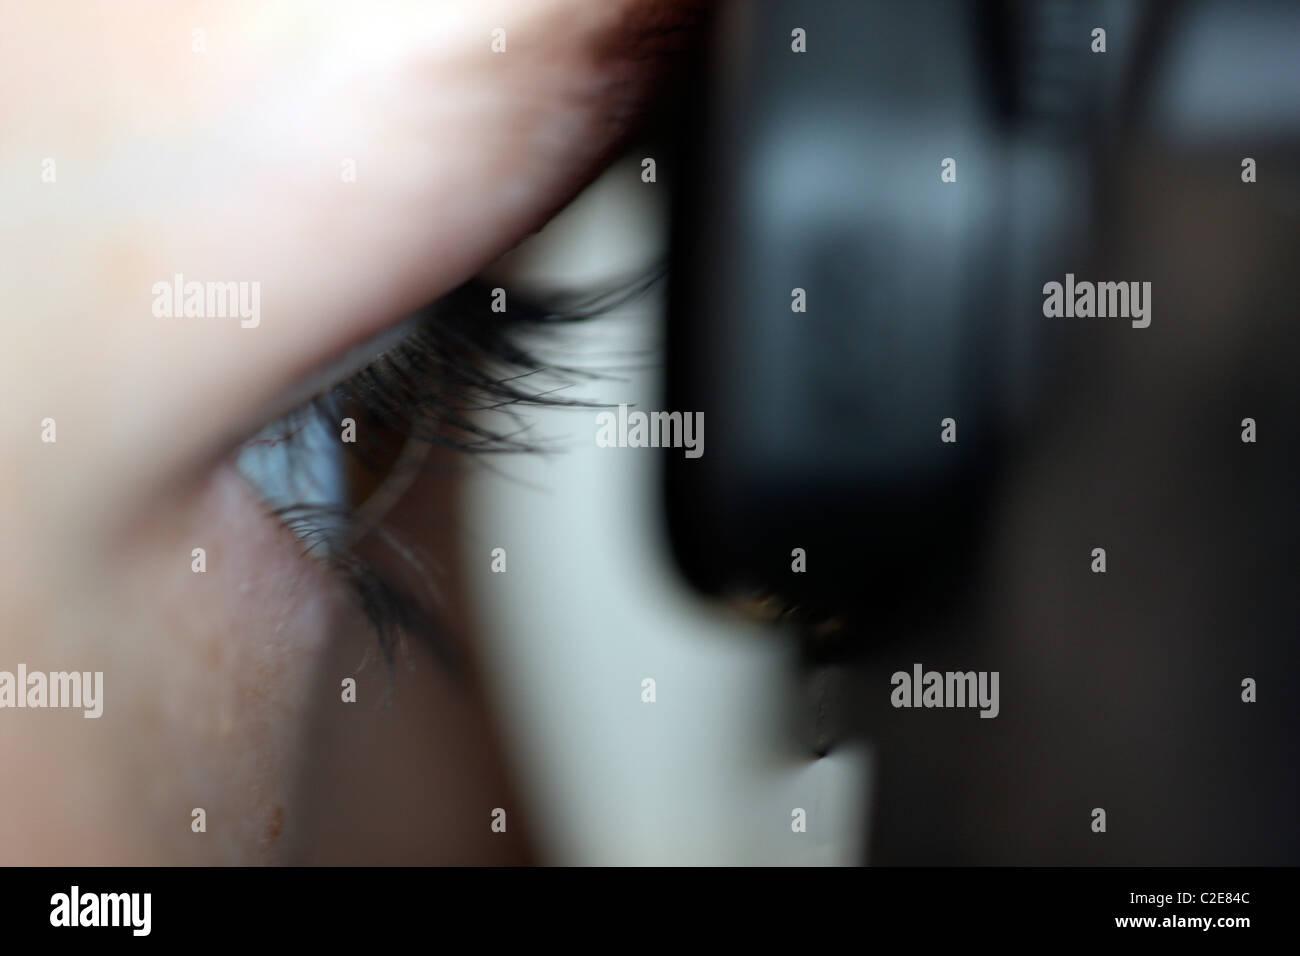 Persona, femmina, guarda attraverso il mirino di una fotocamera reflex digitale. Immagini Stock